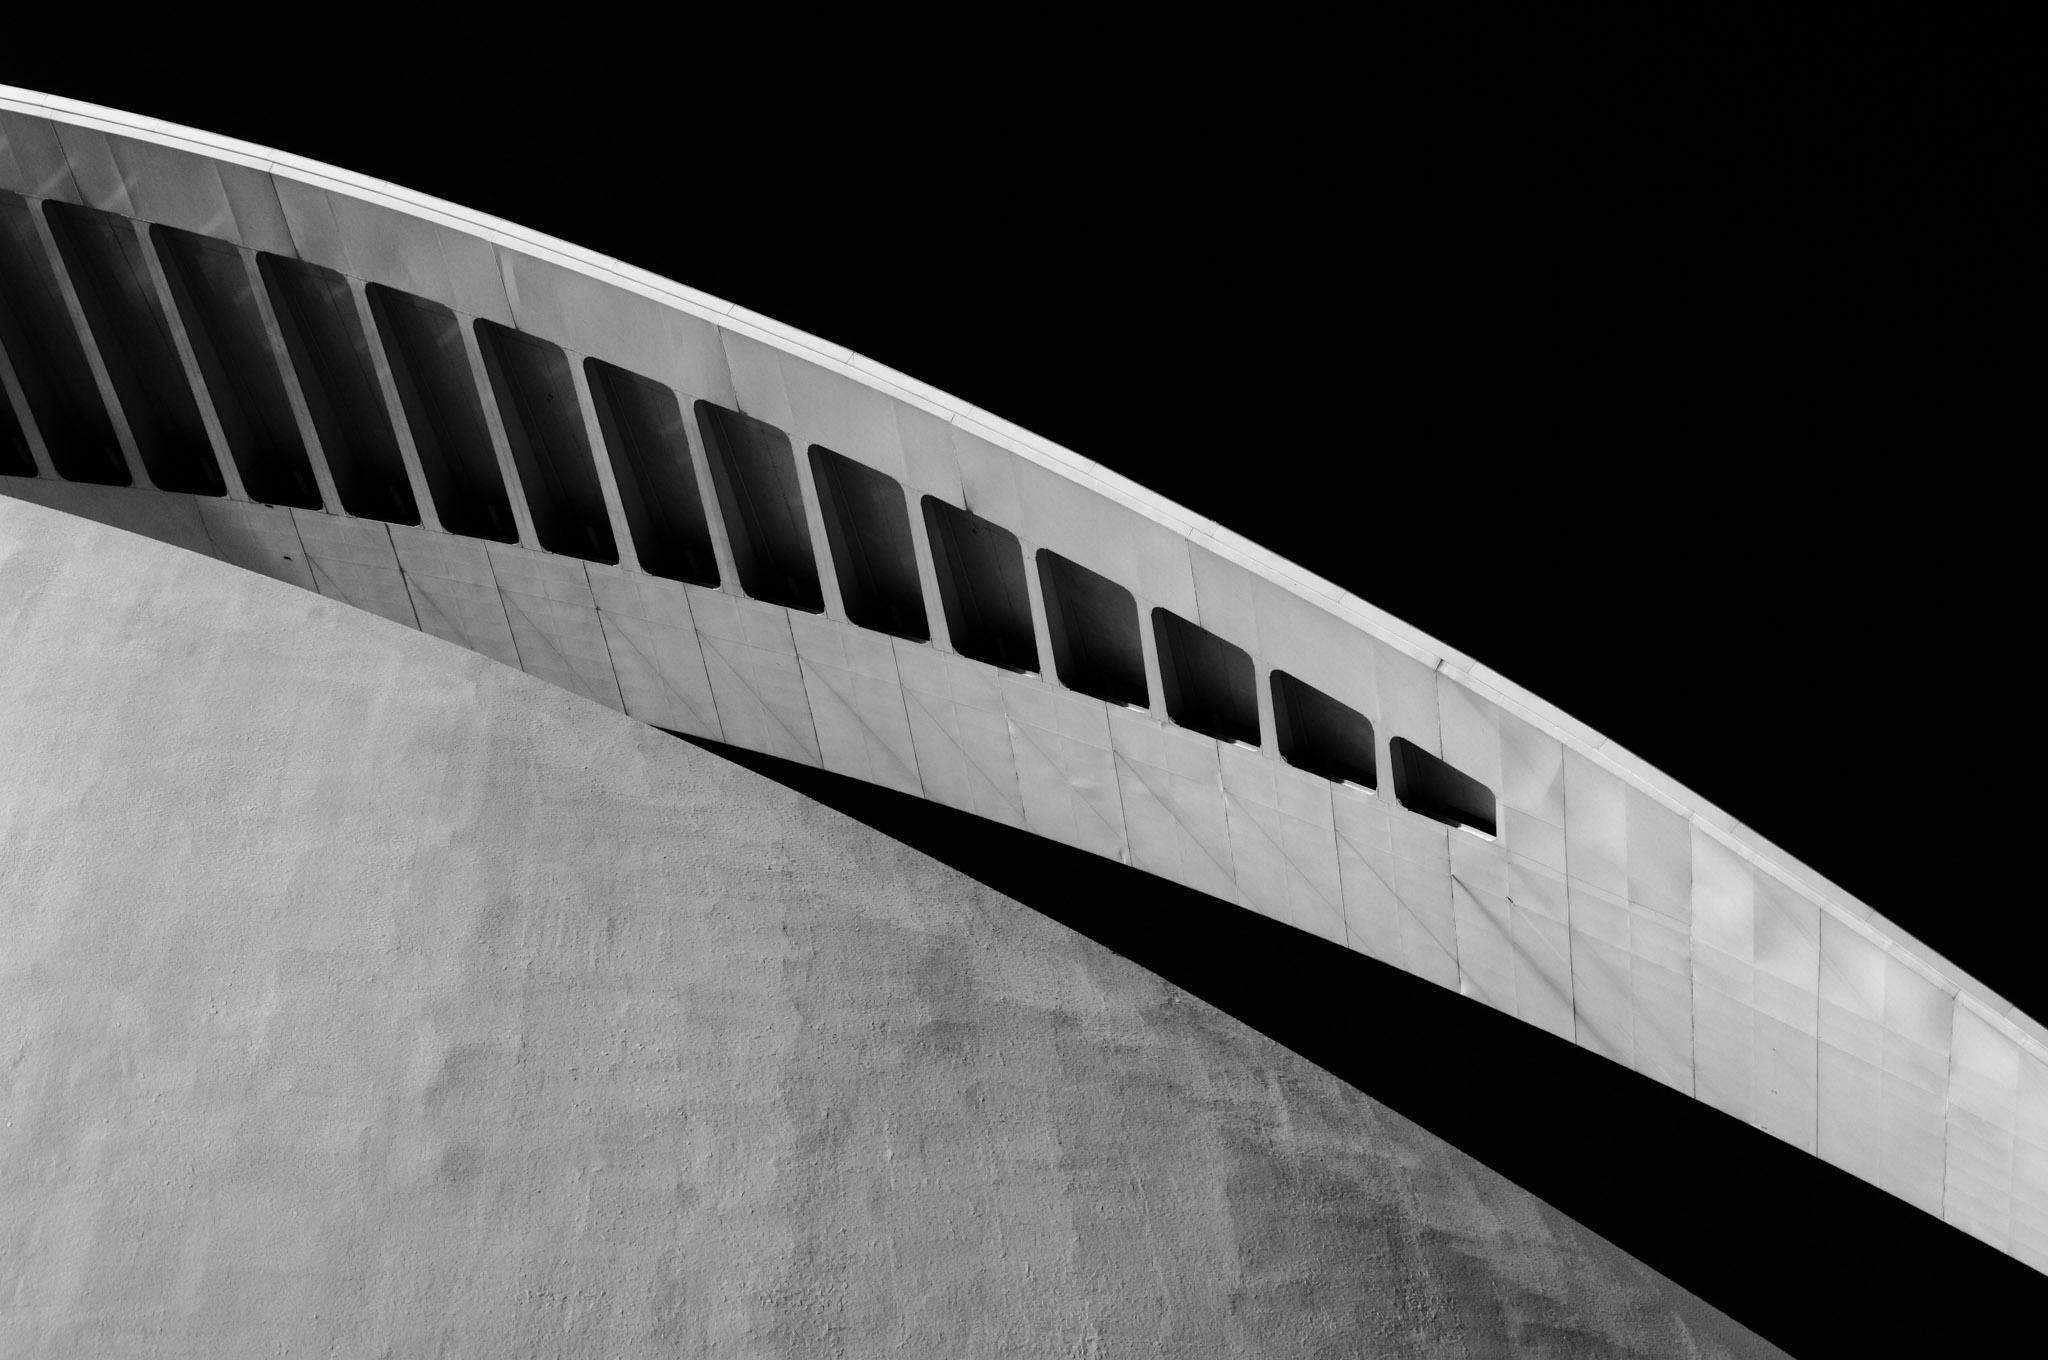 Palau de les Arts Reina Sofía 02